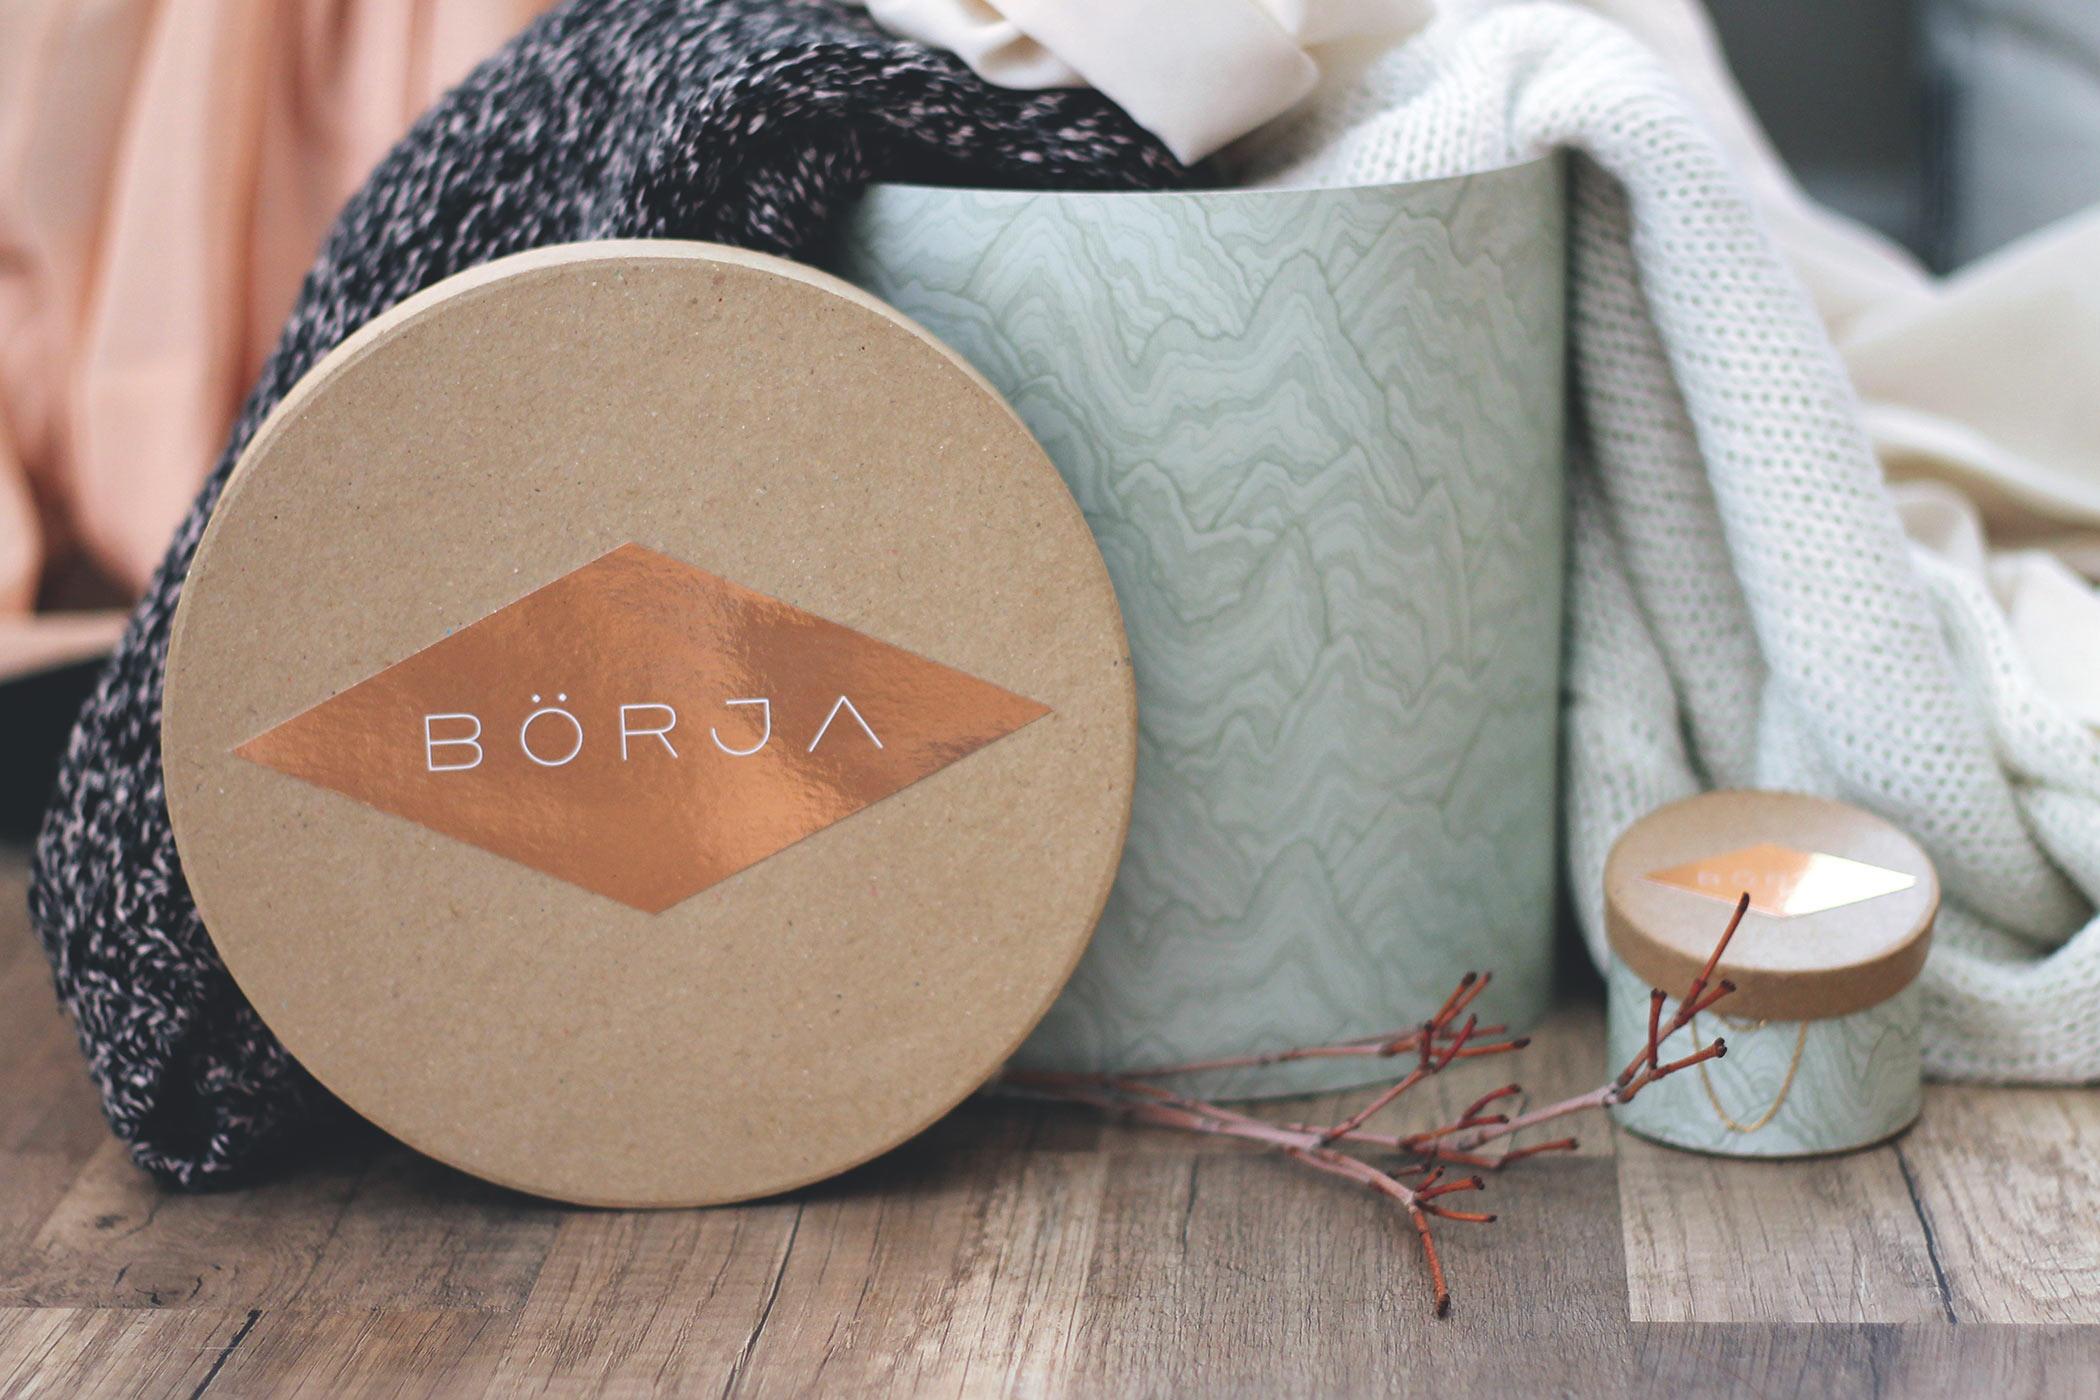 Borja8.jpg